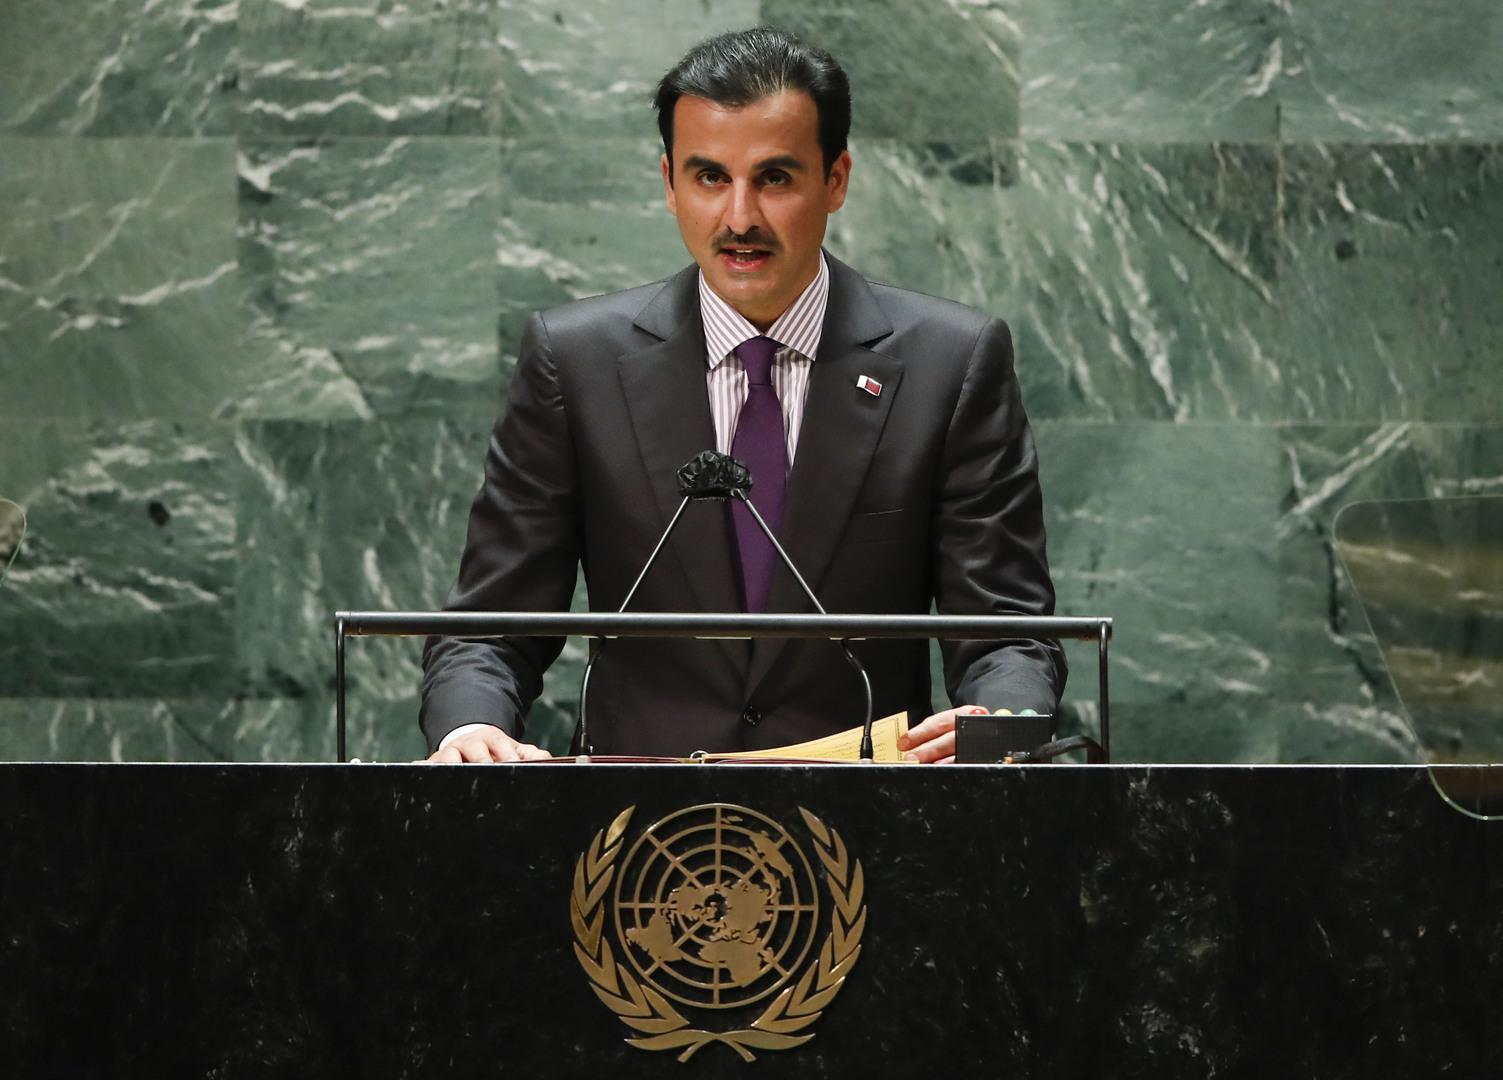 أمير قطر، الشيخ تميم بن حمد آل ثاني، يتحدث خلال جلسة المناقشات السياسية العامة للدورة الـ76 للجمعية العامة للأمم المتحدة.